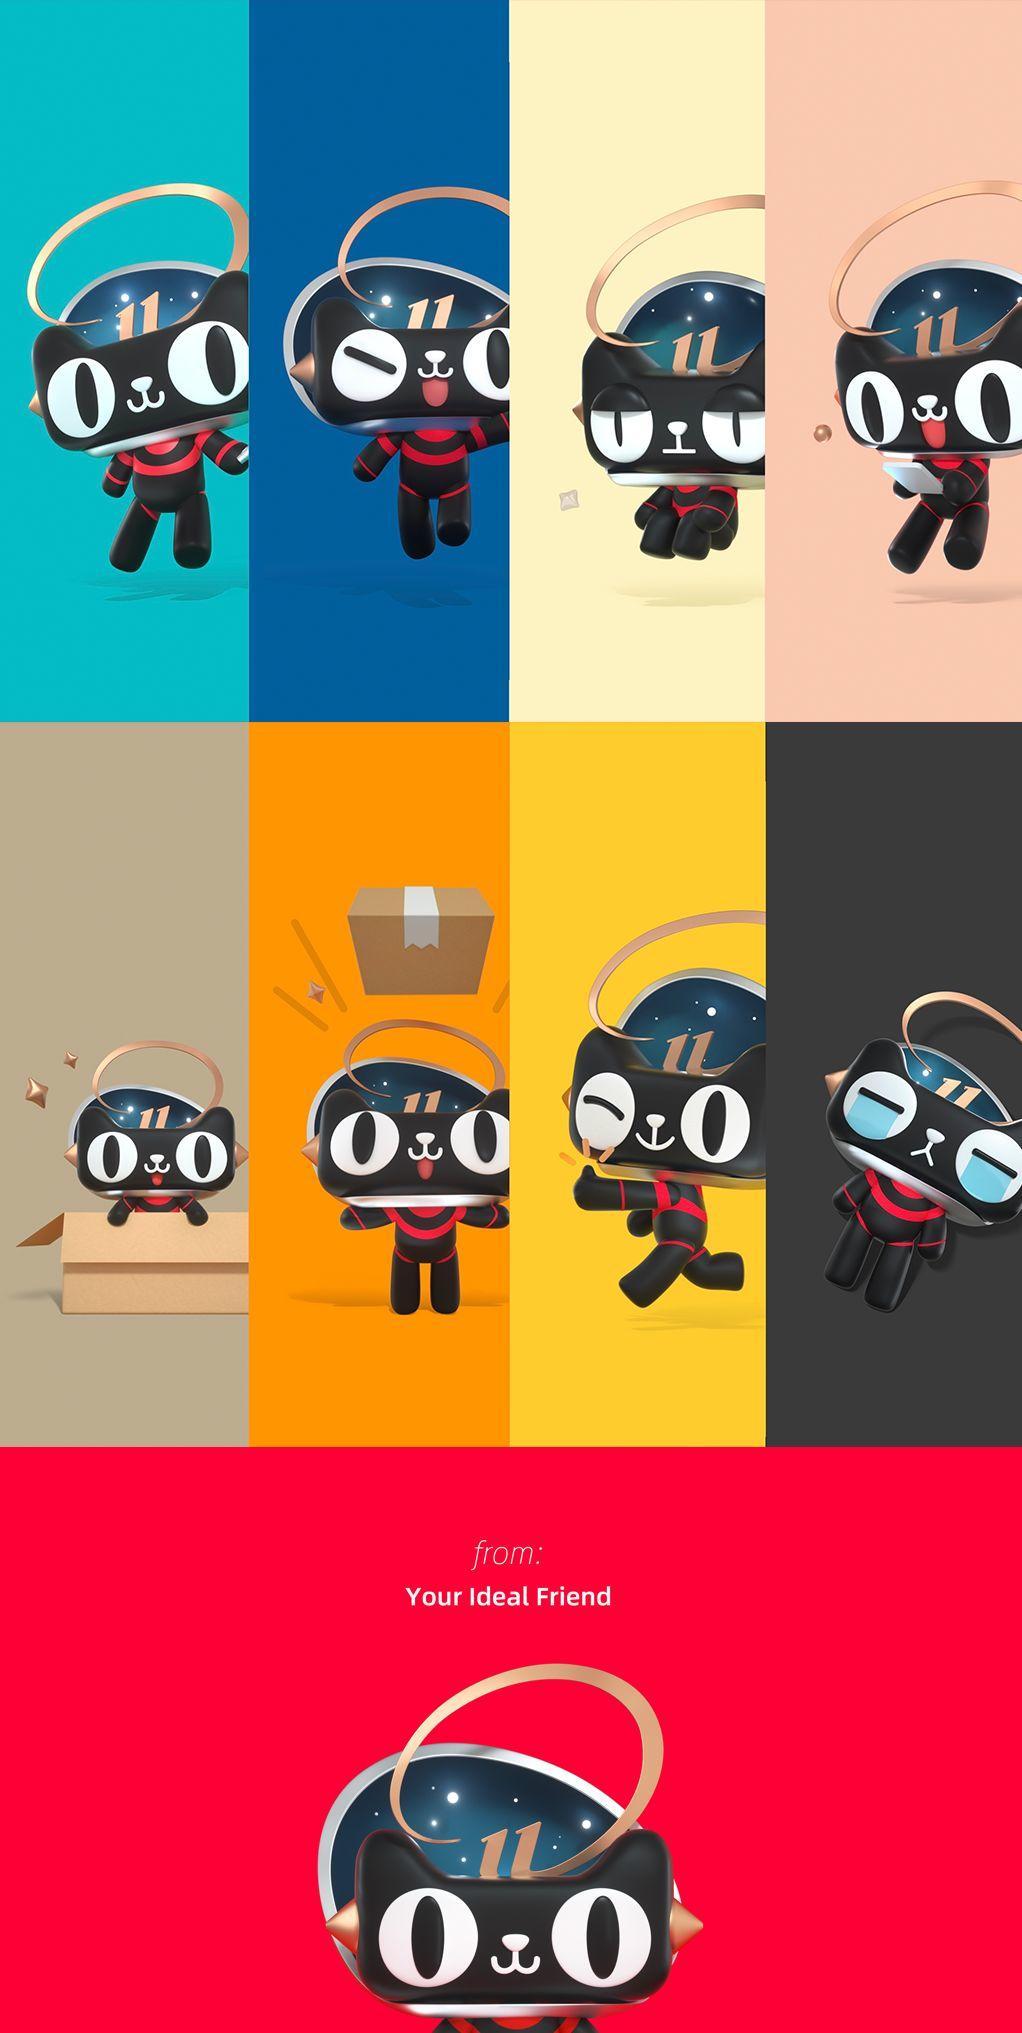 天猫双十一品牌设计背后的故事